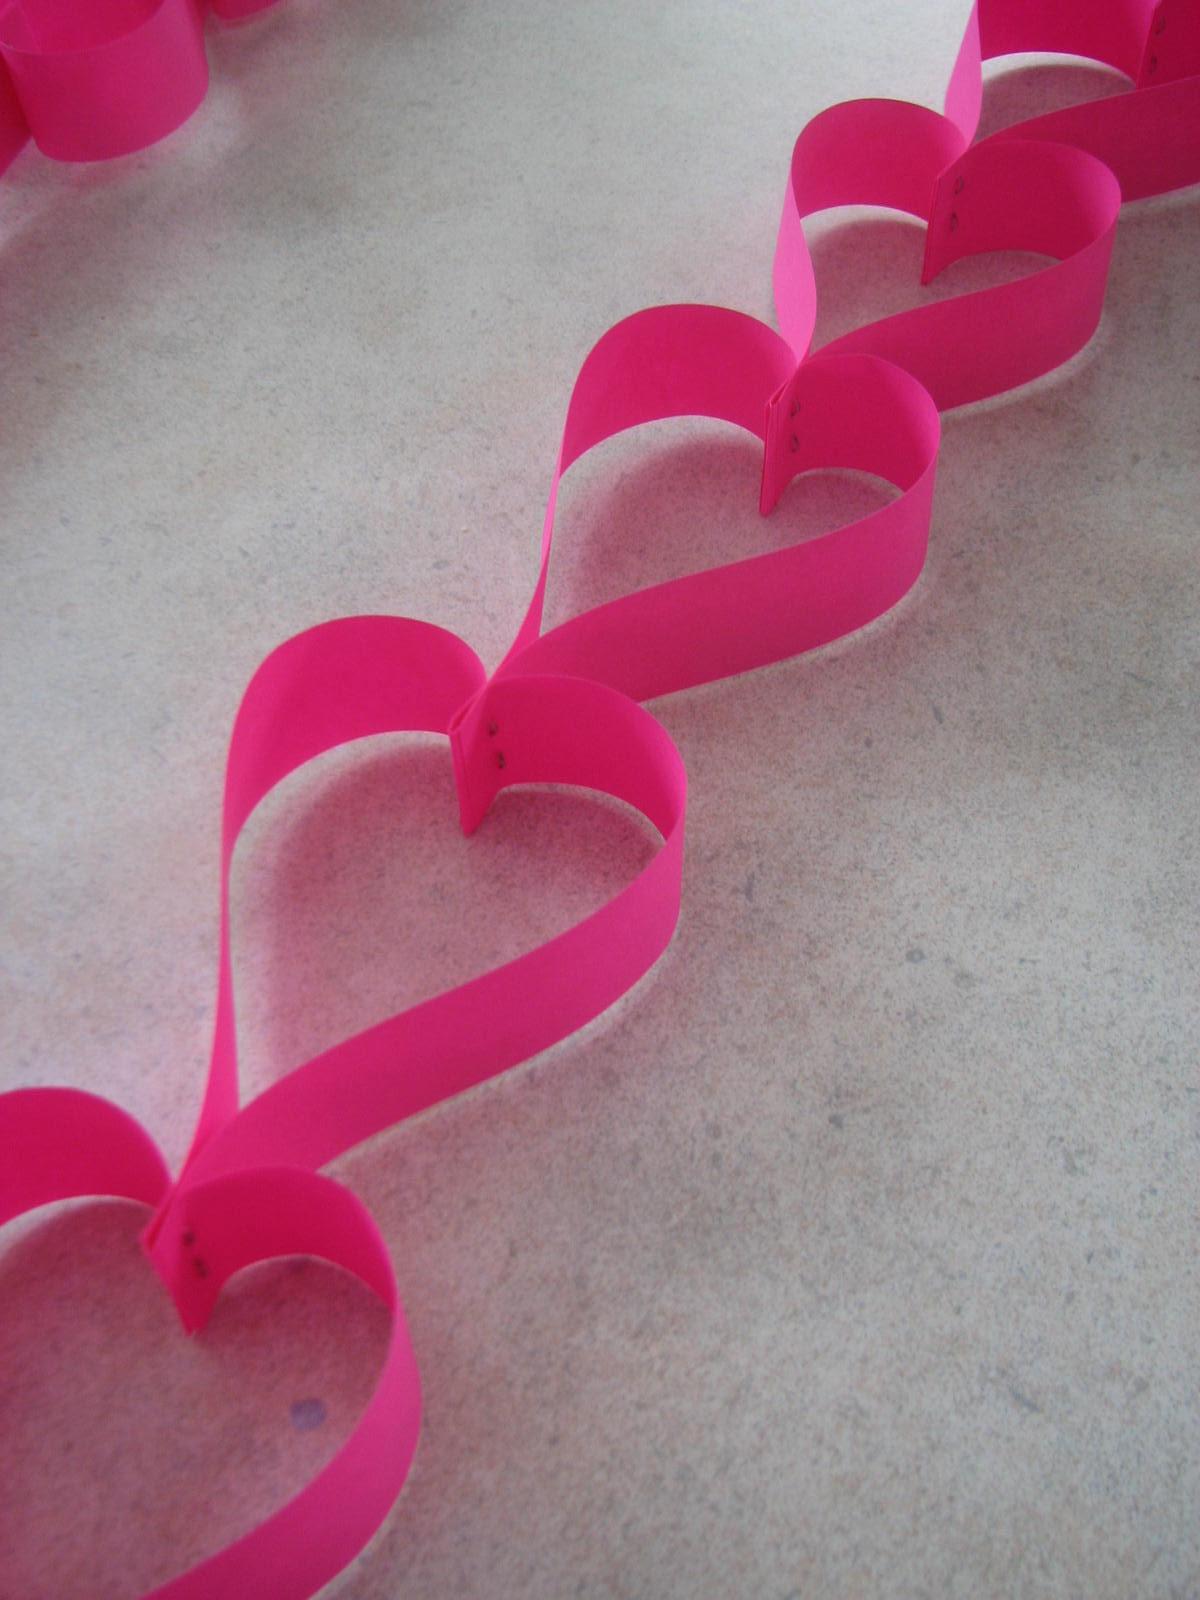 Les projets cr atifs de fleur de paix guirlande de coeurs pour la st valentin - Modele de coeur a decouper ...